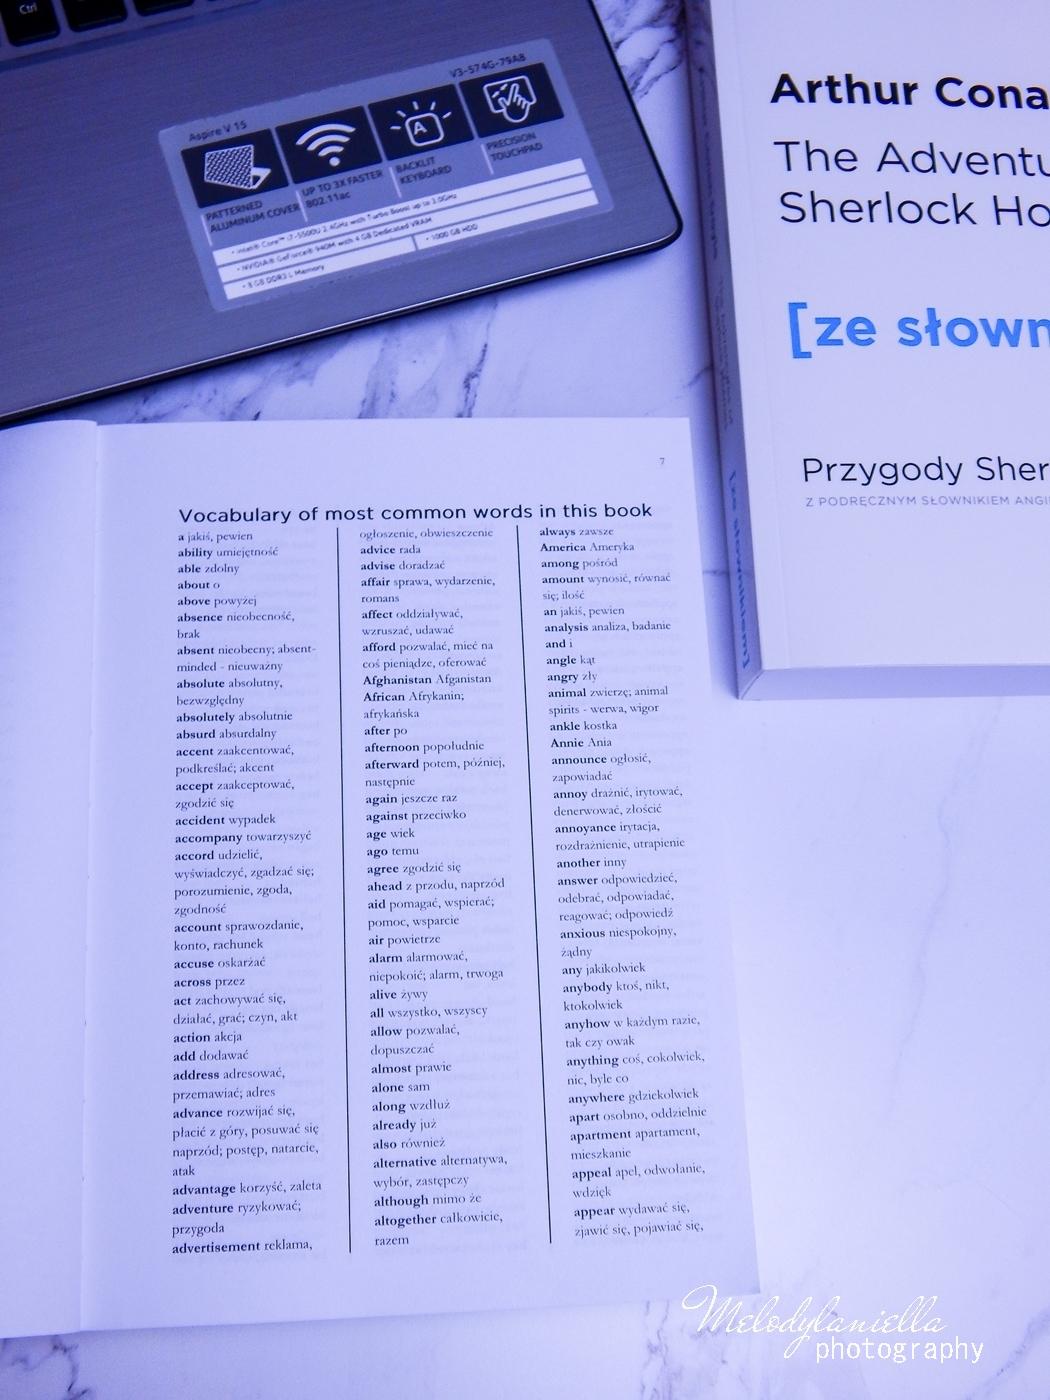 13 trzy sposoby na szybszą naukę języka angielskiego jak efektywnie uczyć się języków aplikacje do nauki angielskiego do nauki języków obcych duolingo książki ze słownikiem sherlock holmes